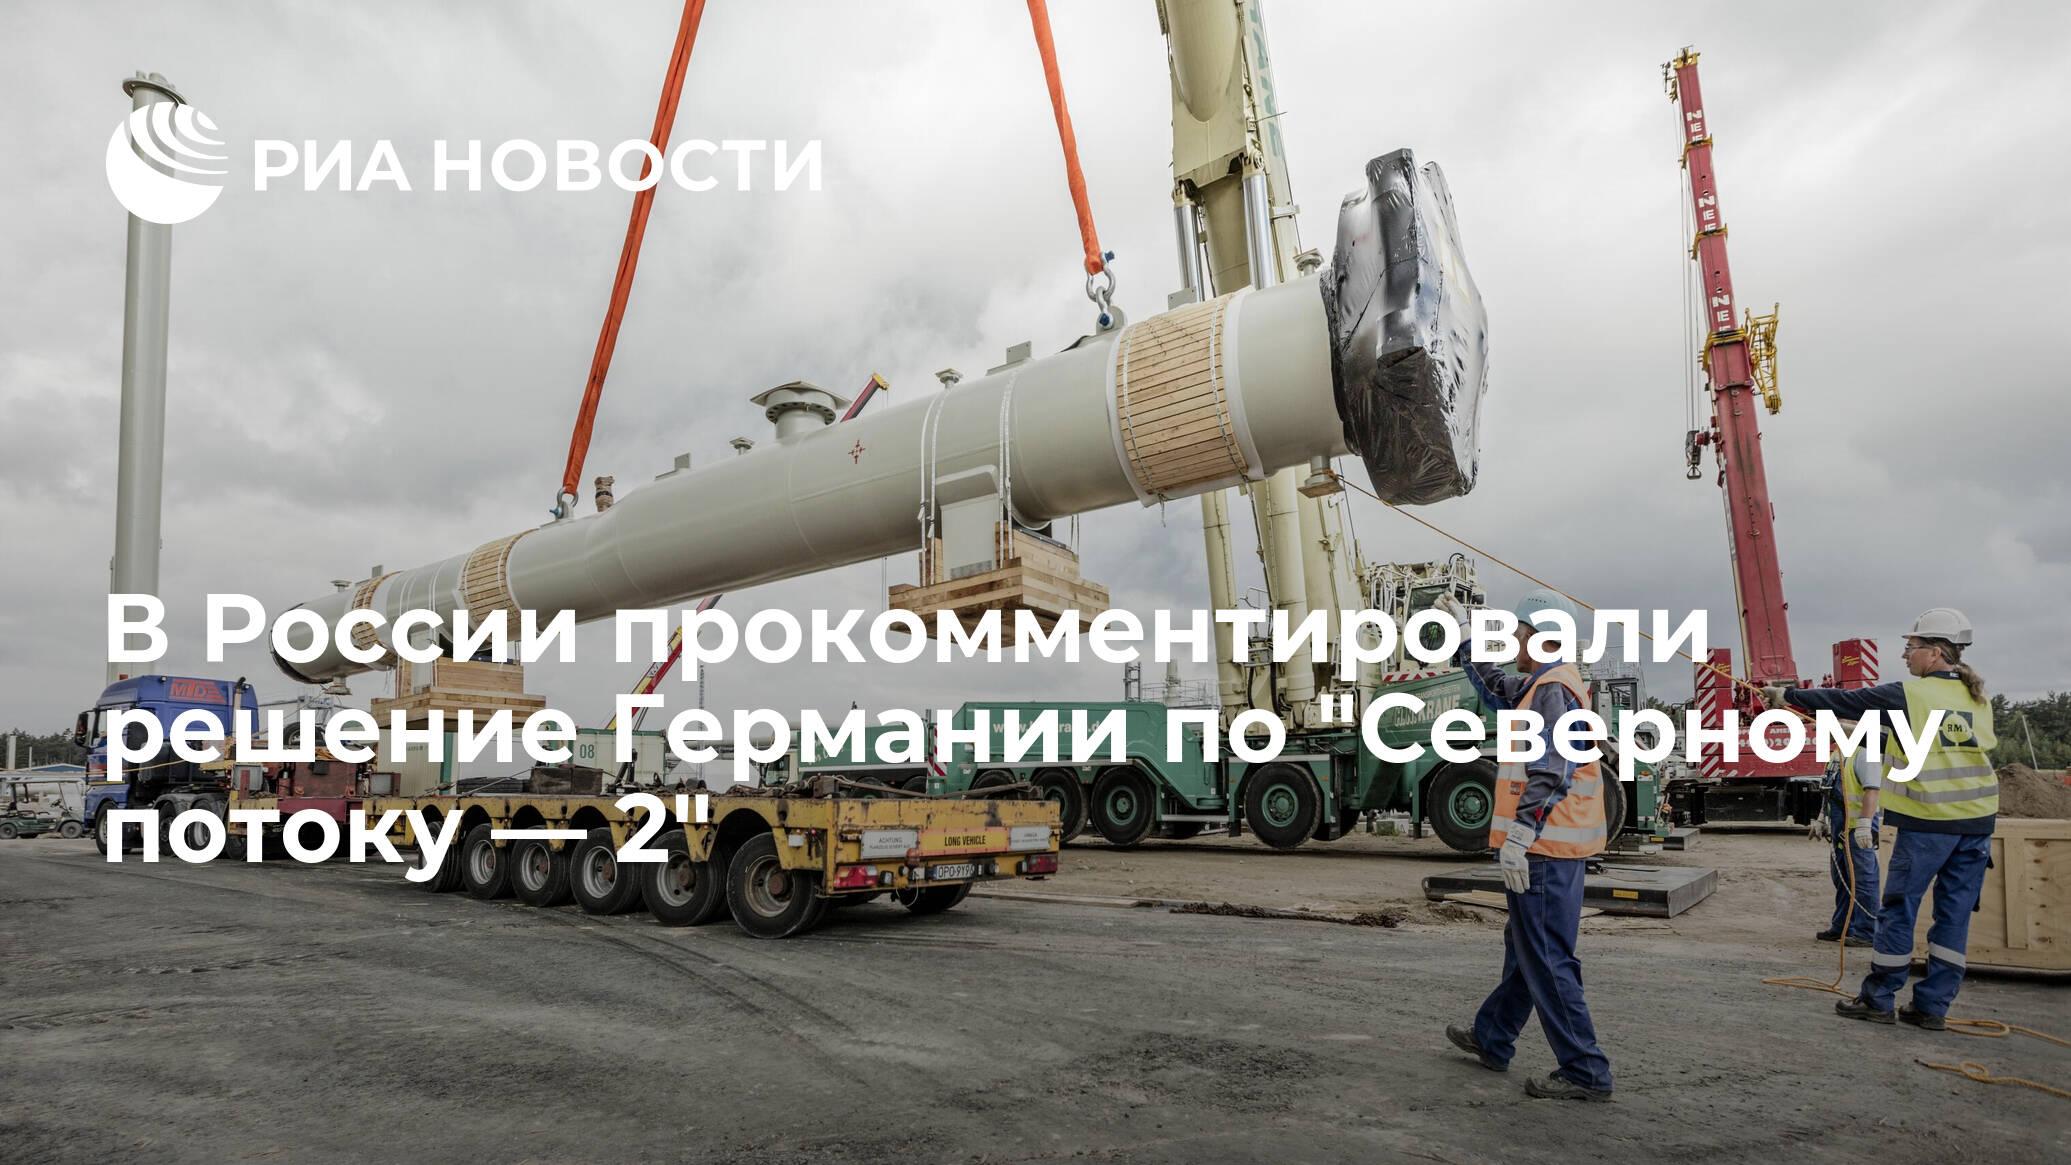 В России прокомментировали решение Германии по 'Северному потоку — 2' - РИА НОВОСТИ